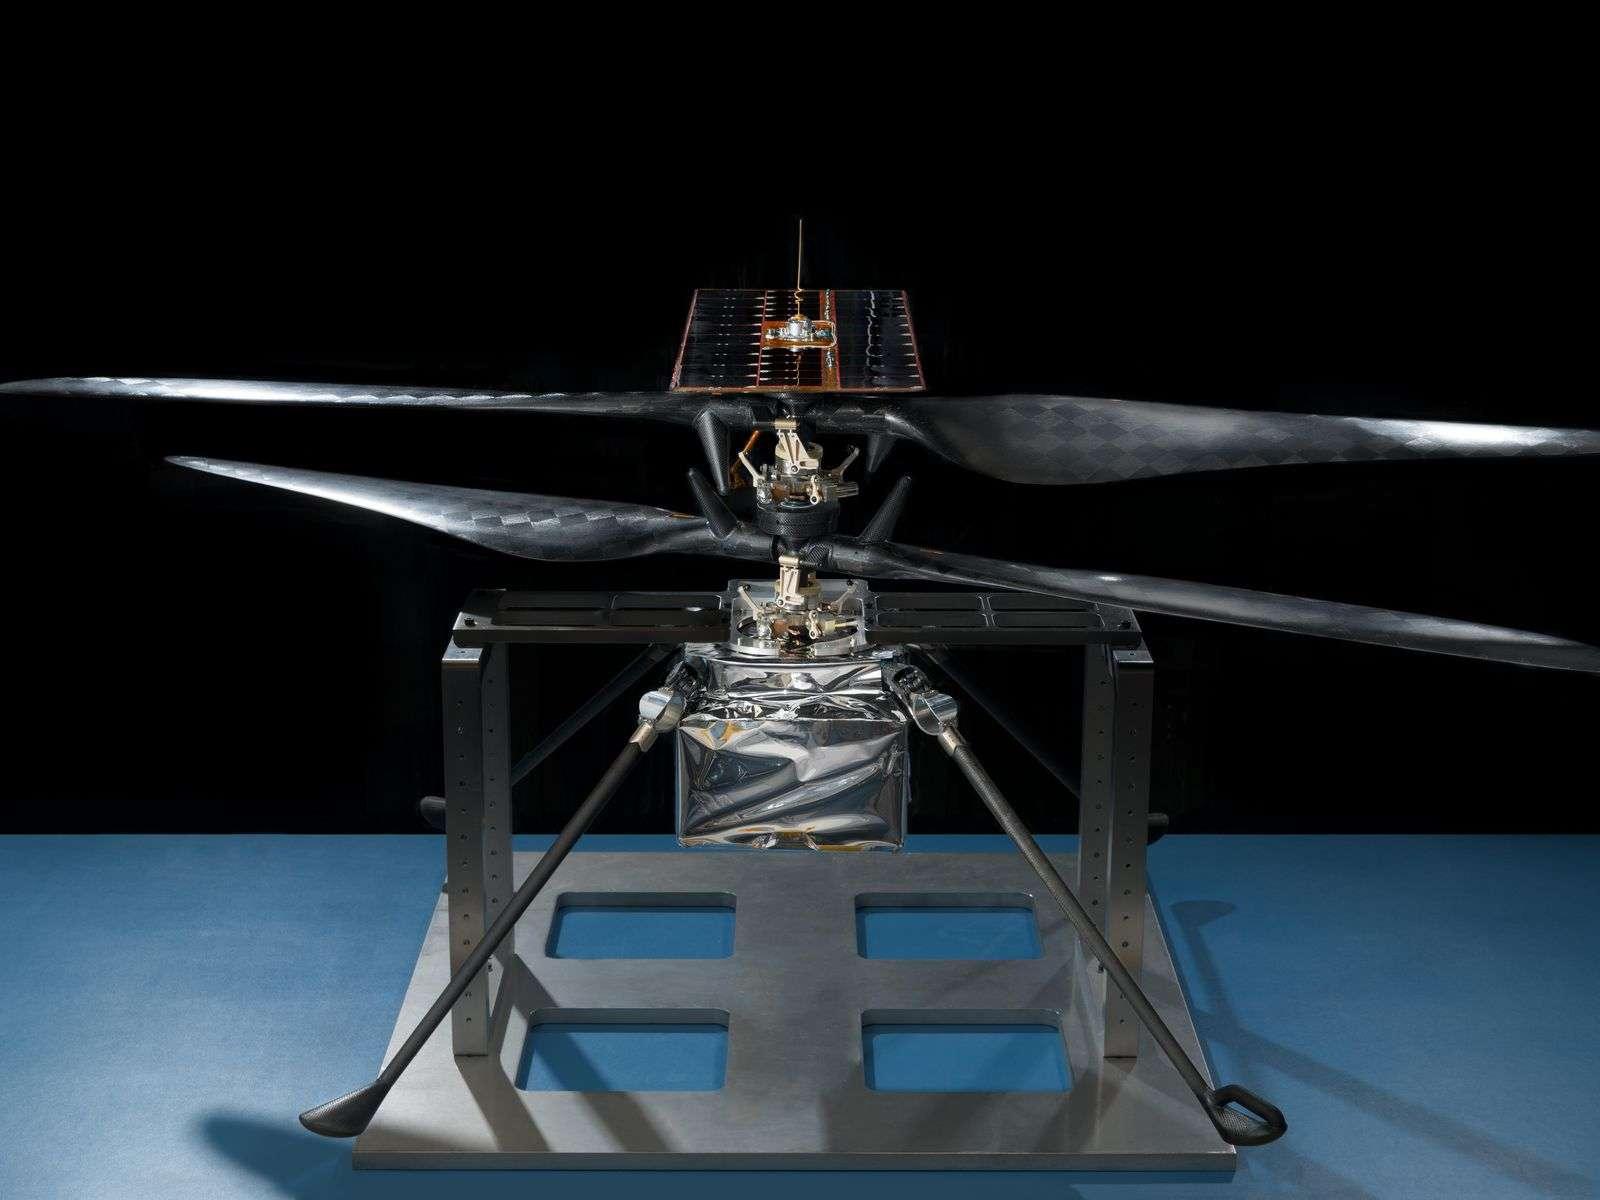 L'hélicoptère de la mission Mars 2020 le 14 février 2019 au Jet Propulsion Laboratory (JPL), en Californie. © Nasa/JPL-Caltech